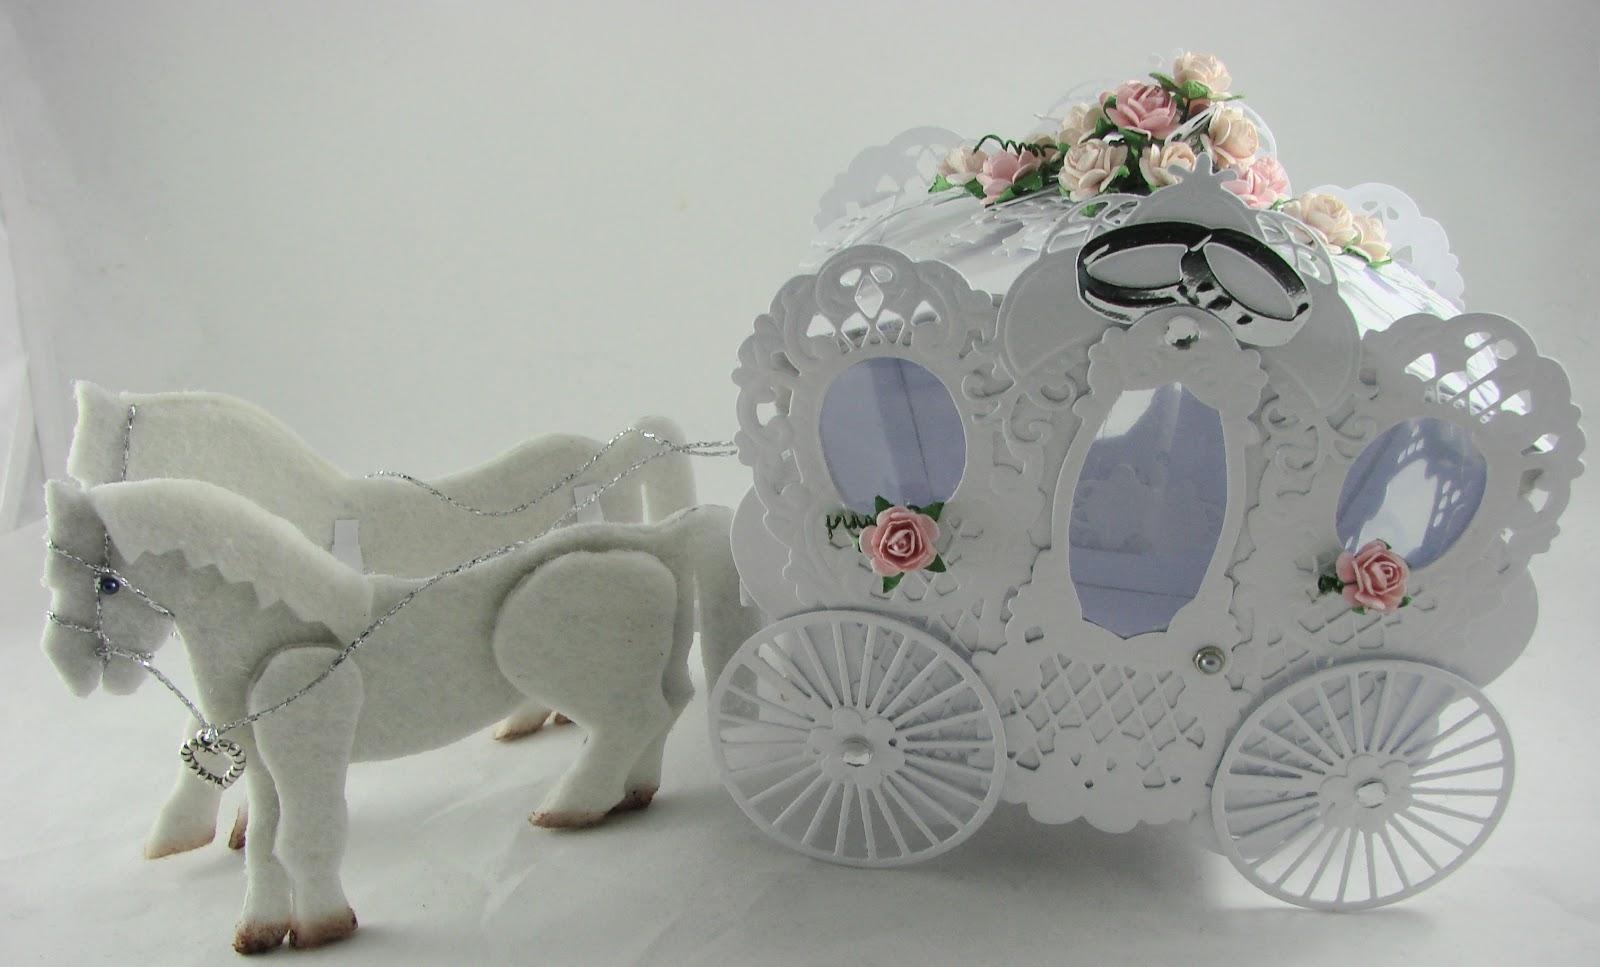 ... Sachen handgemacht Designblog: Hochzeitskutsche ganz in weiß